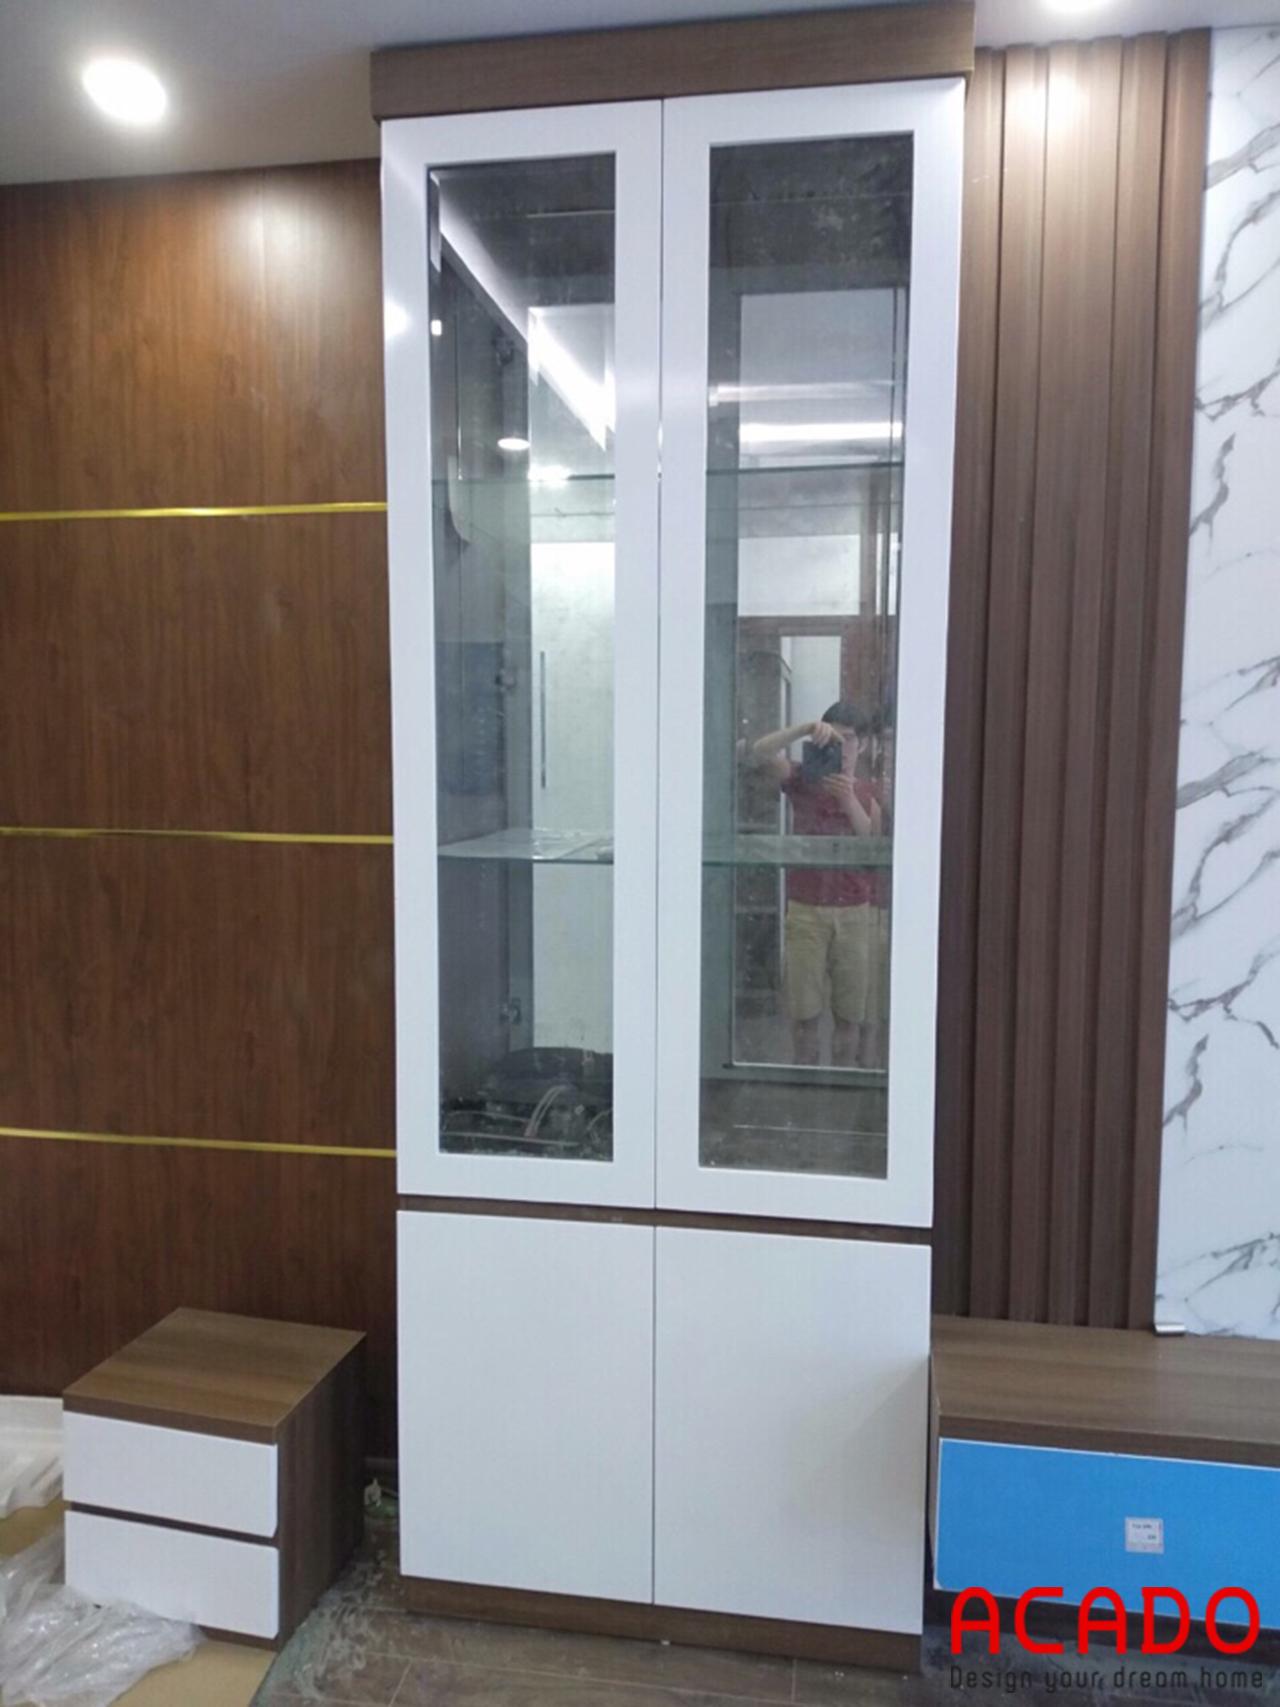 Tủ rượu trang trí cho phòng khách , ACADO thiết kế và thi công